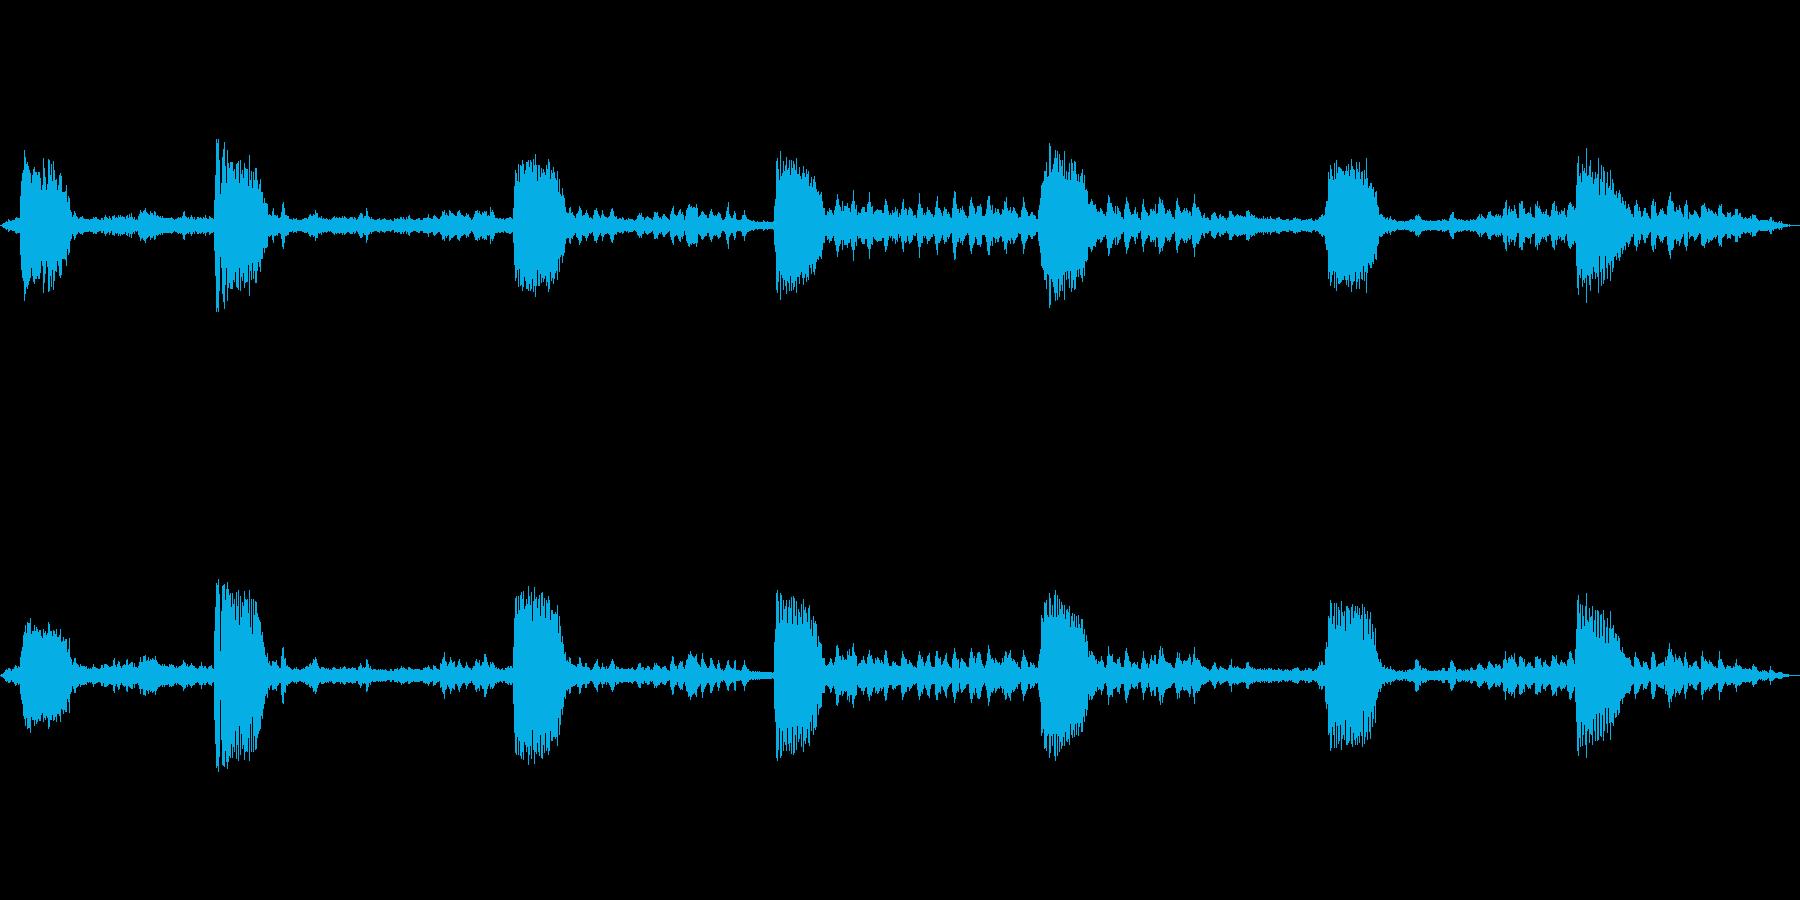 コマドリ 乗鞍高原の再生済みの波形